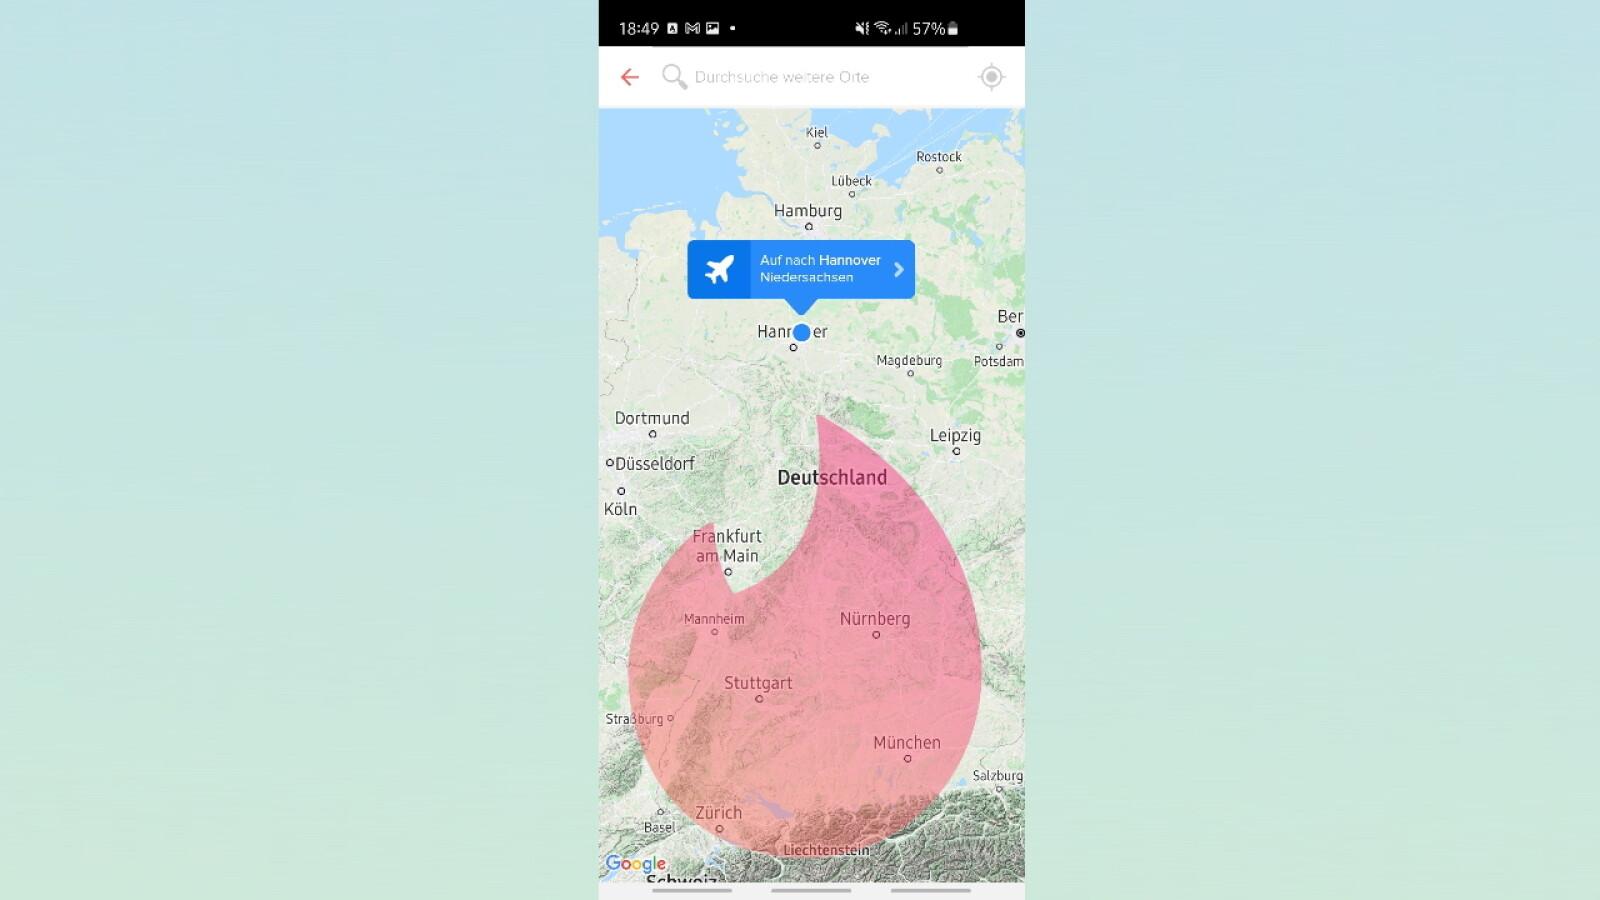 Whatsapp tinder wechseln auf Wie spioniere